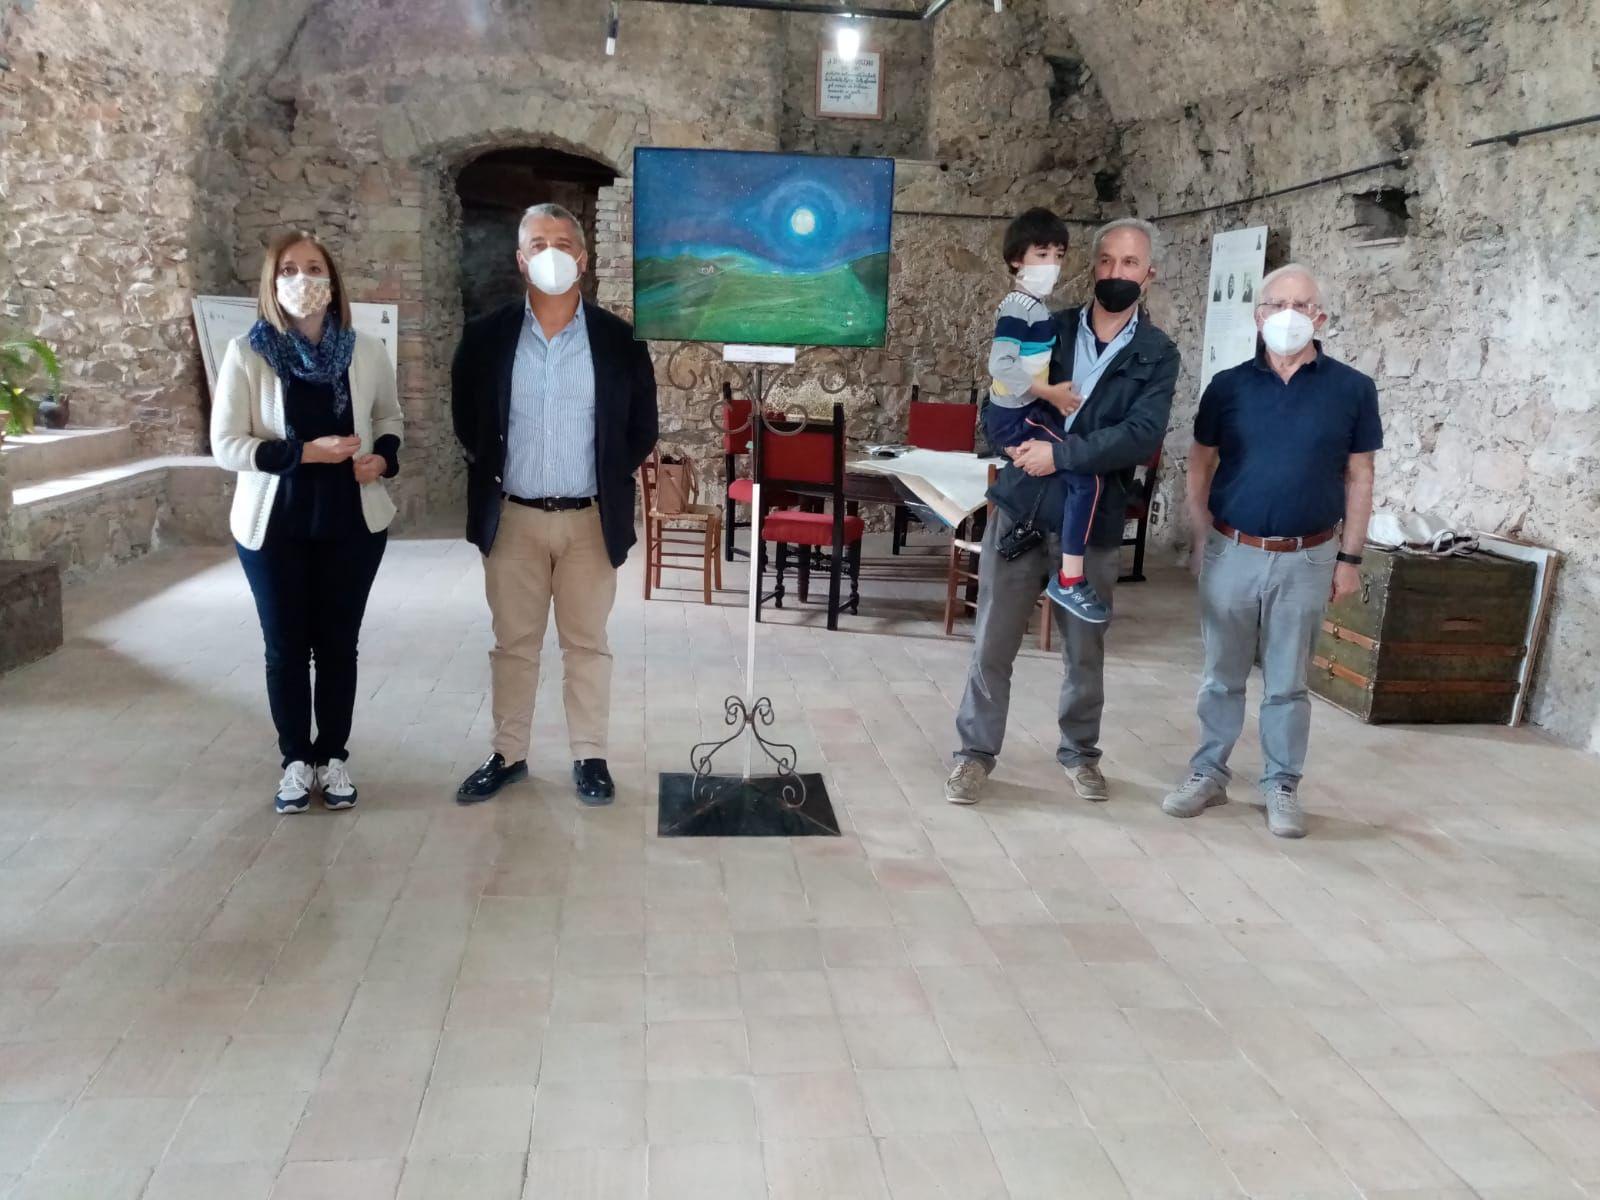 Da sx Piera Chierico , Gaetano Celano sindaco del Comune di Valsinni , Giuseppe Siniscalchi e Leonardo Siniscalchi, Vincenzo Rinaldi